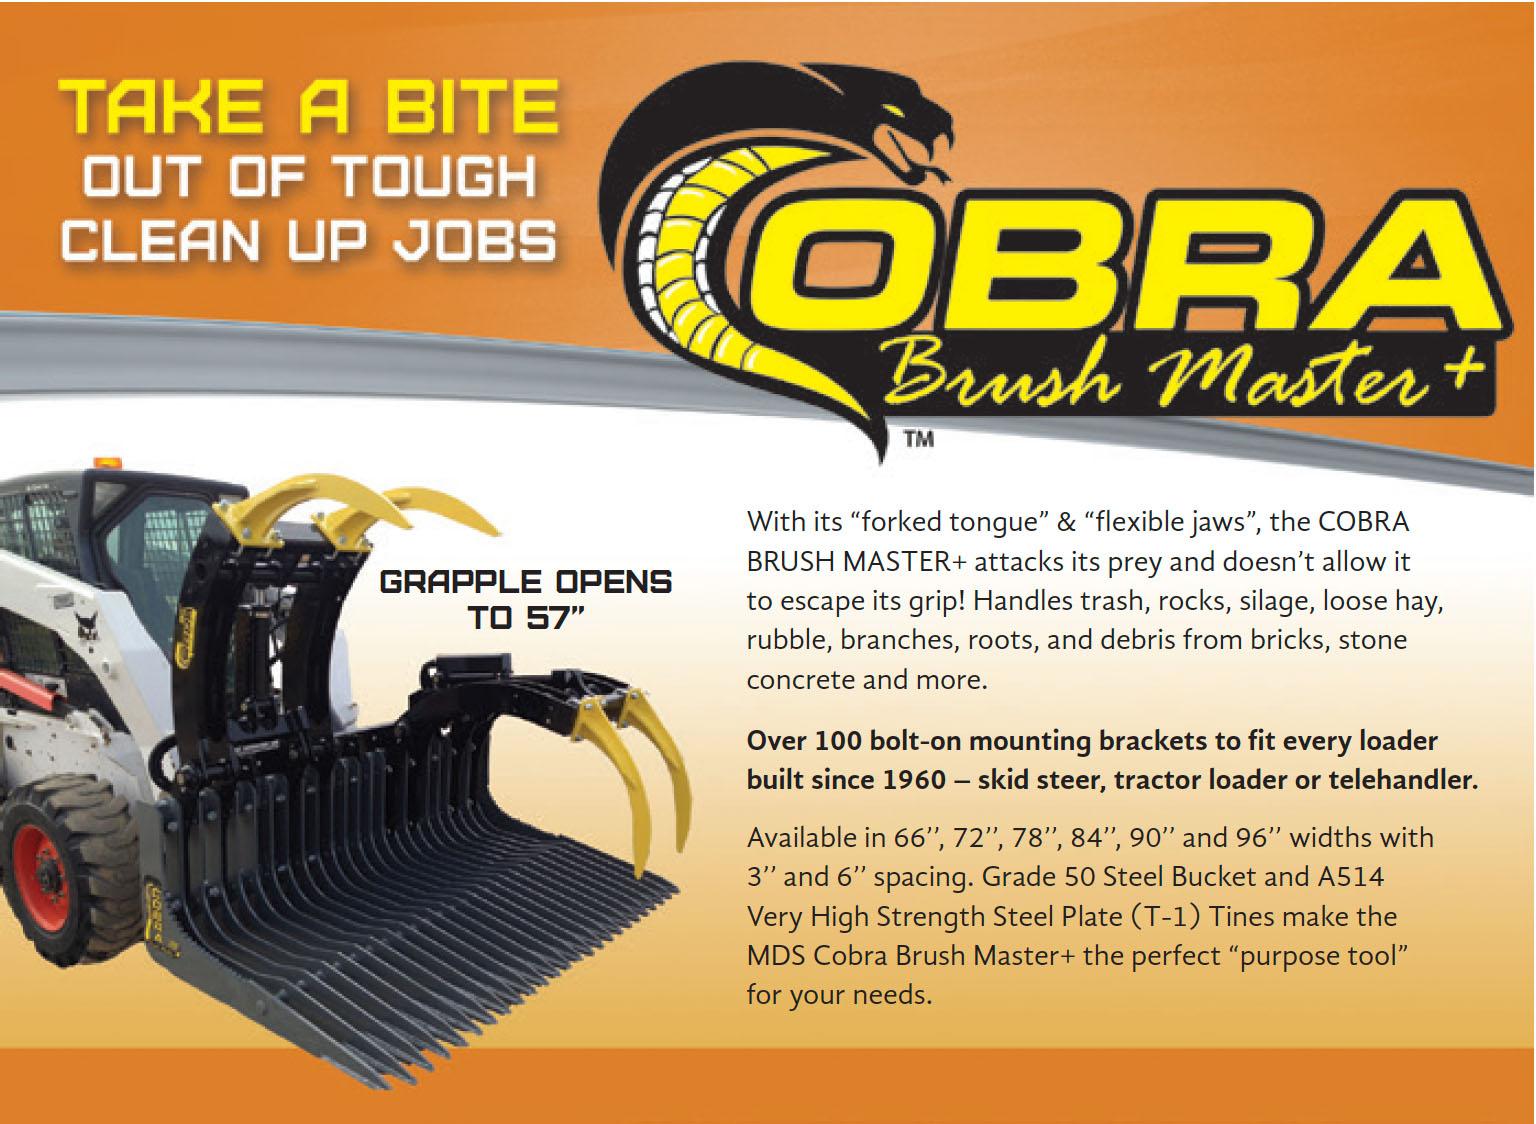 Cobra Brush Master +